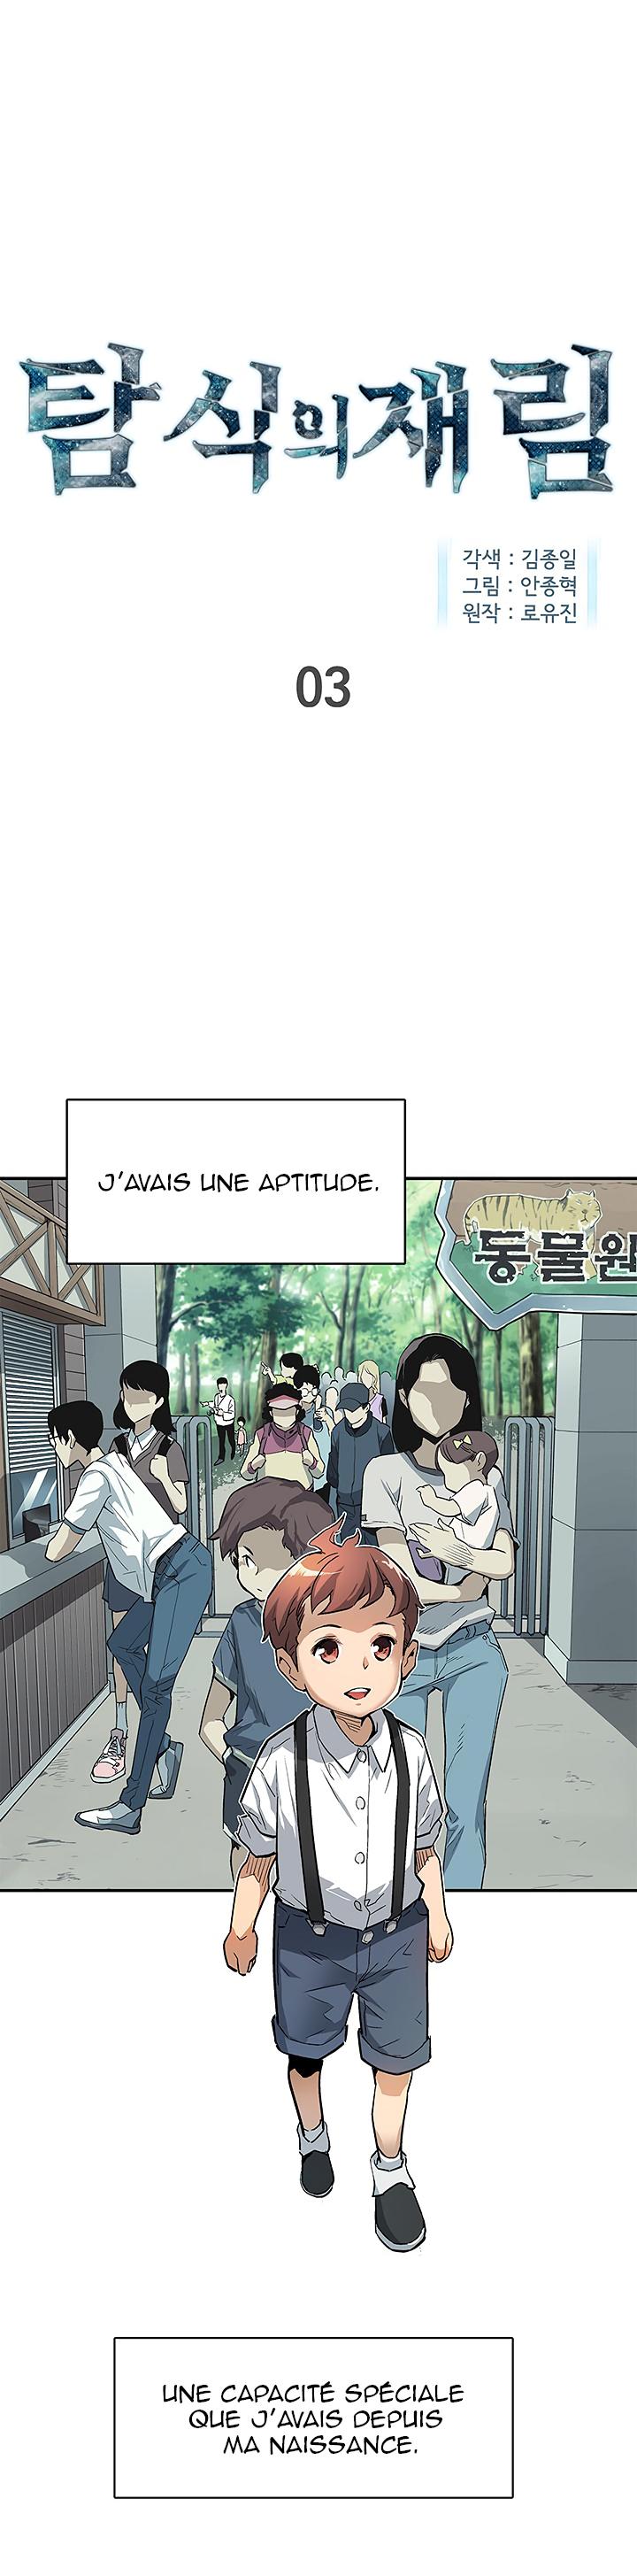 https://nine.mangadogs.com/fr_manga/pic2/55/11703/511715/83de89957f167ec84dc58d7de6e69757.jpg Page 1